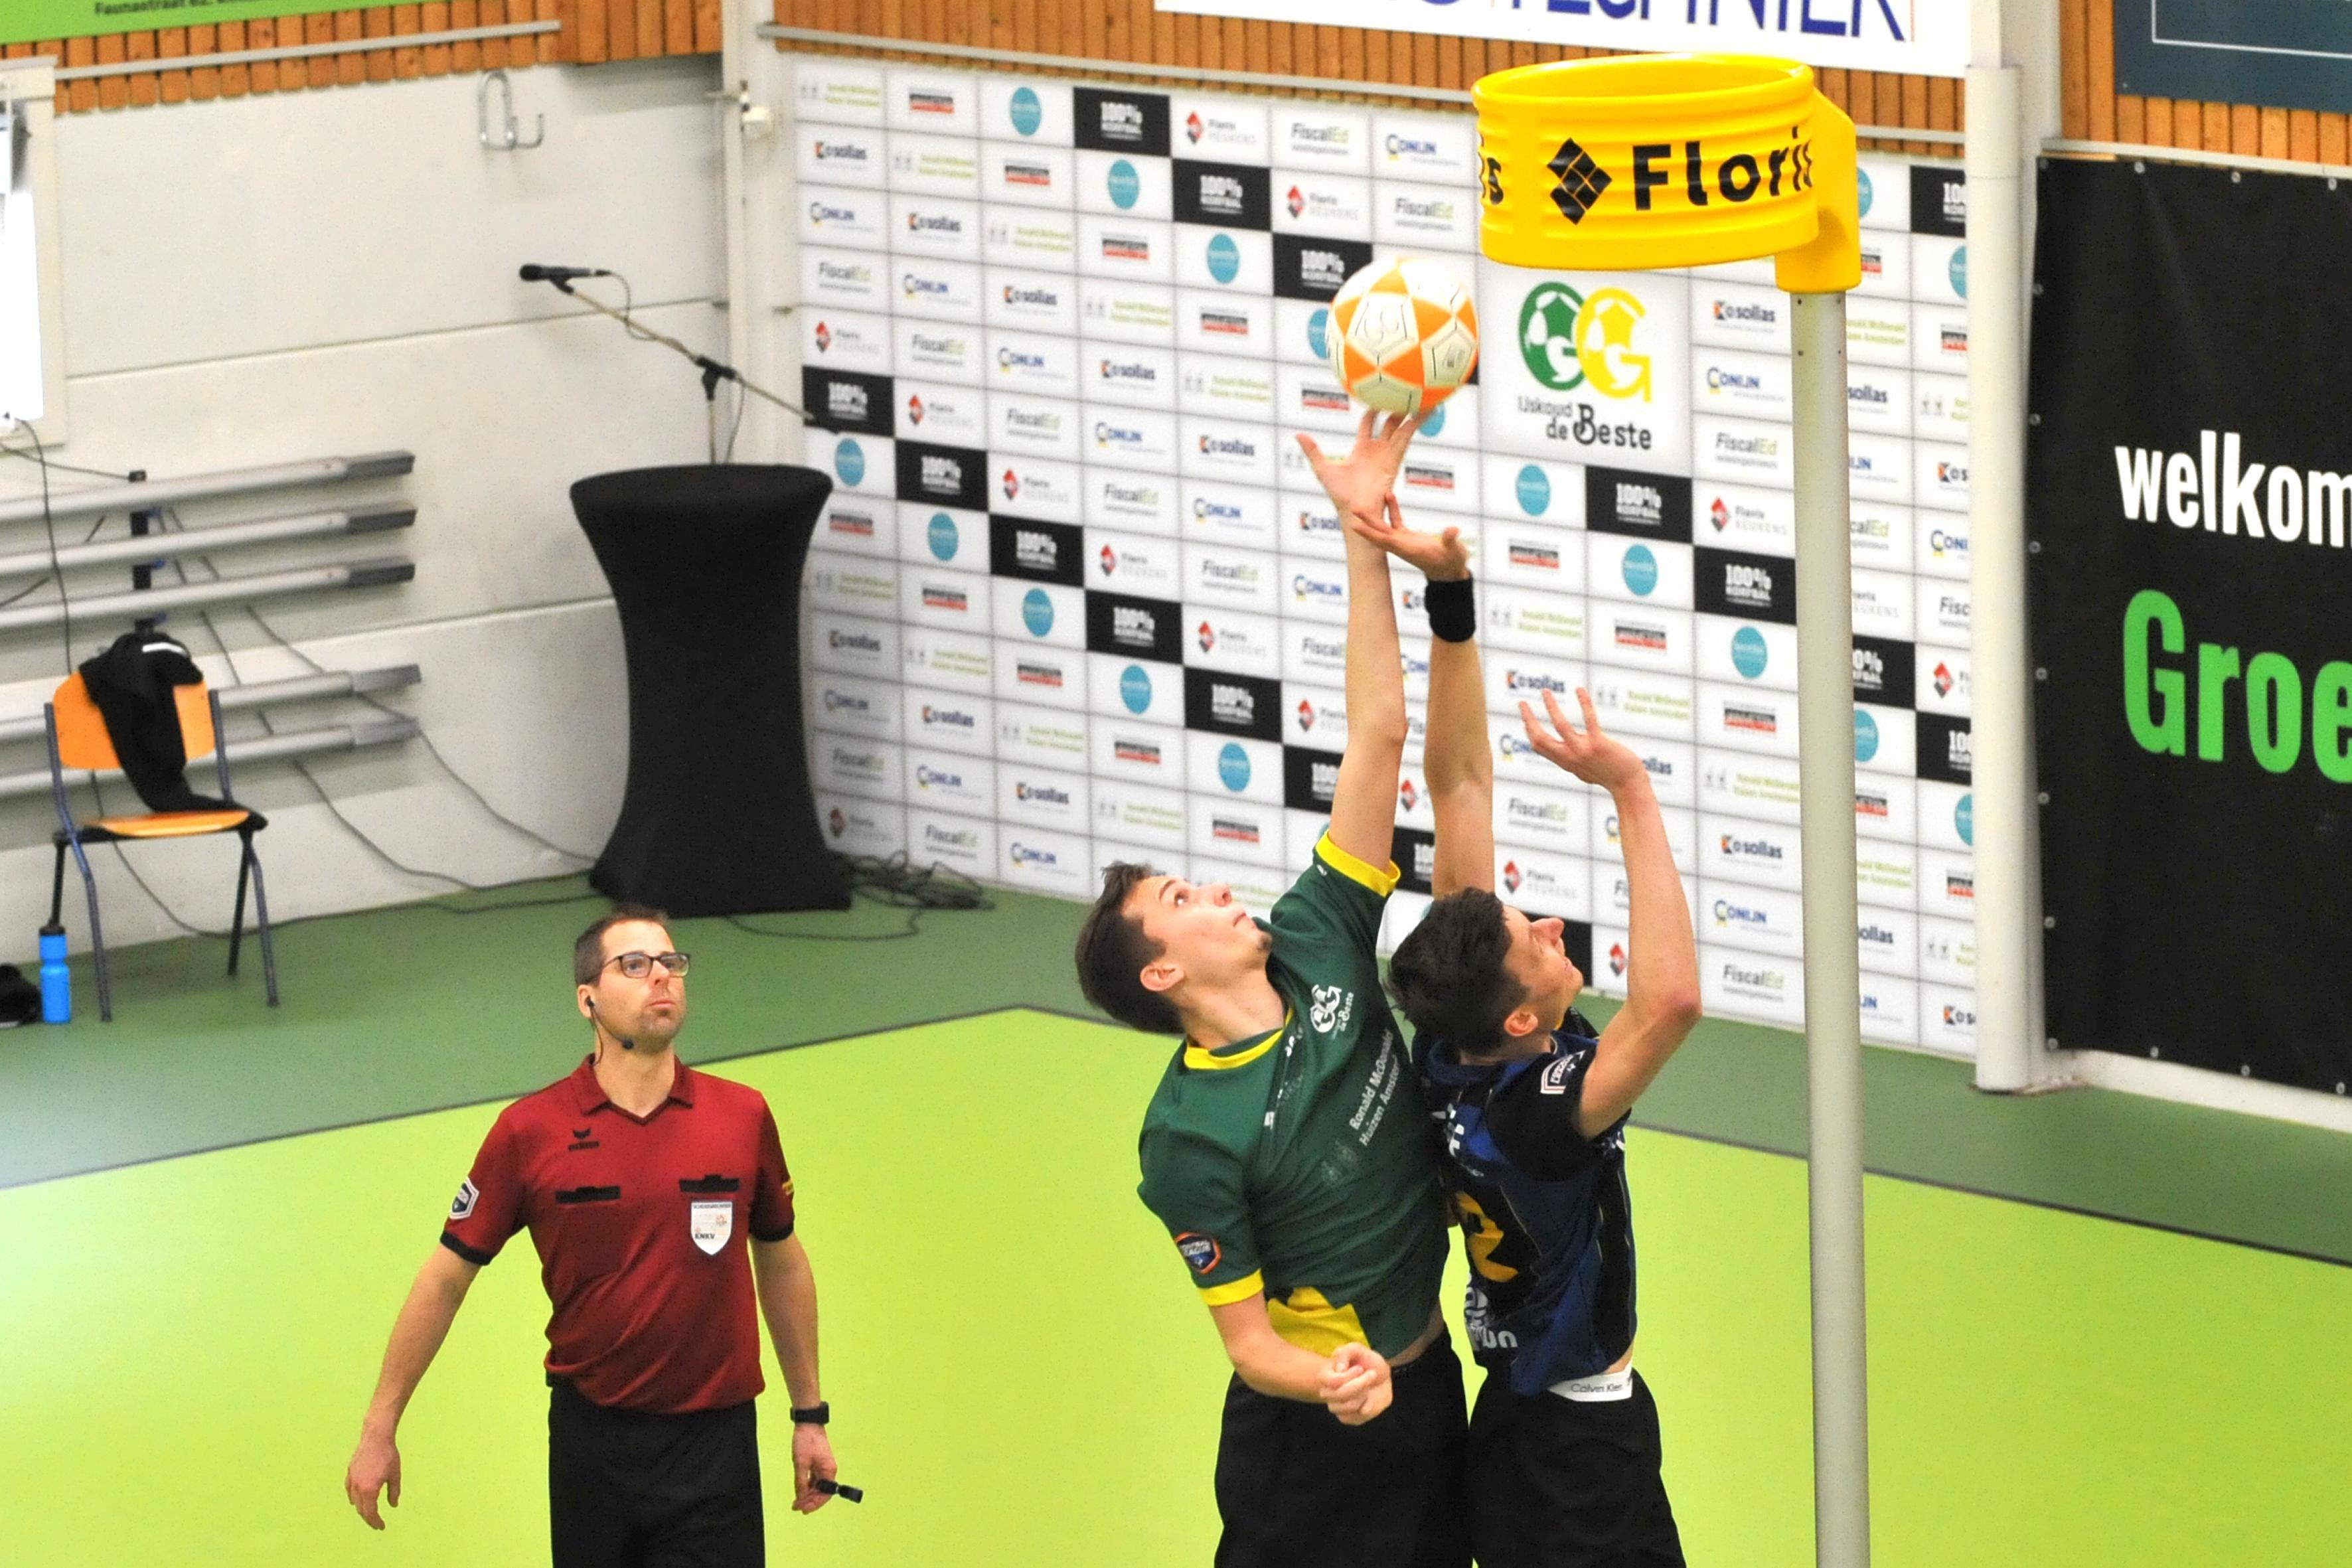 Groen Geel-korfballer Terrenc Griemink weer bij Nederlands team aangesloten